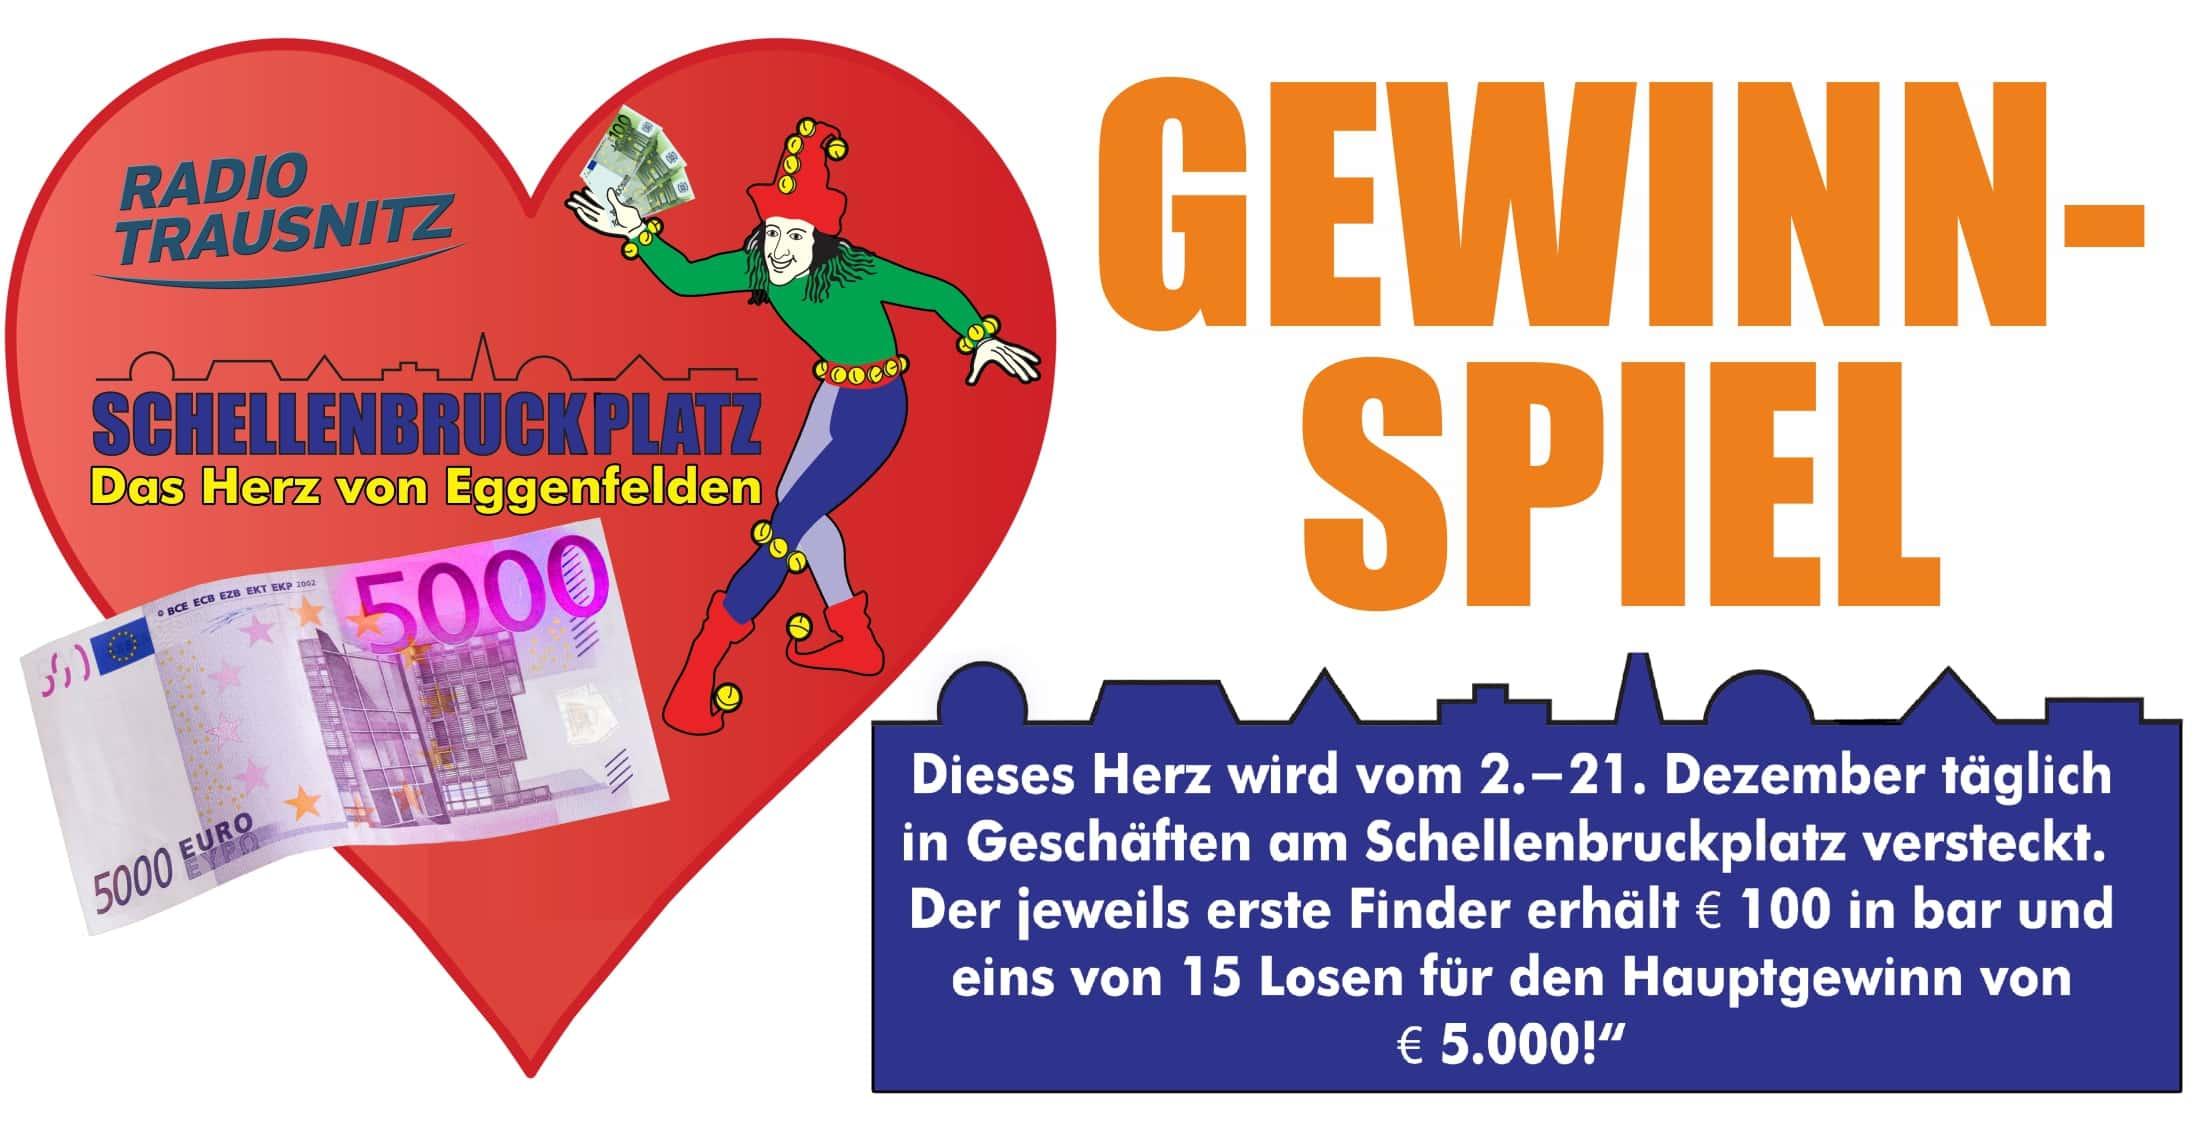 Gewinnspiel: Schellenbruckplatz, das Herz von Eggenfelden